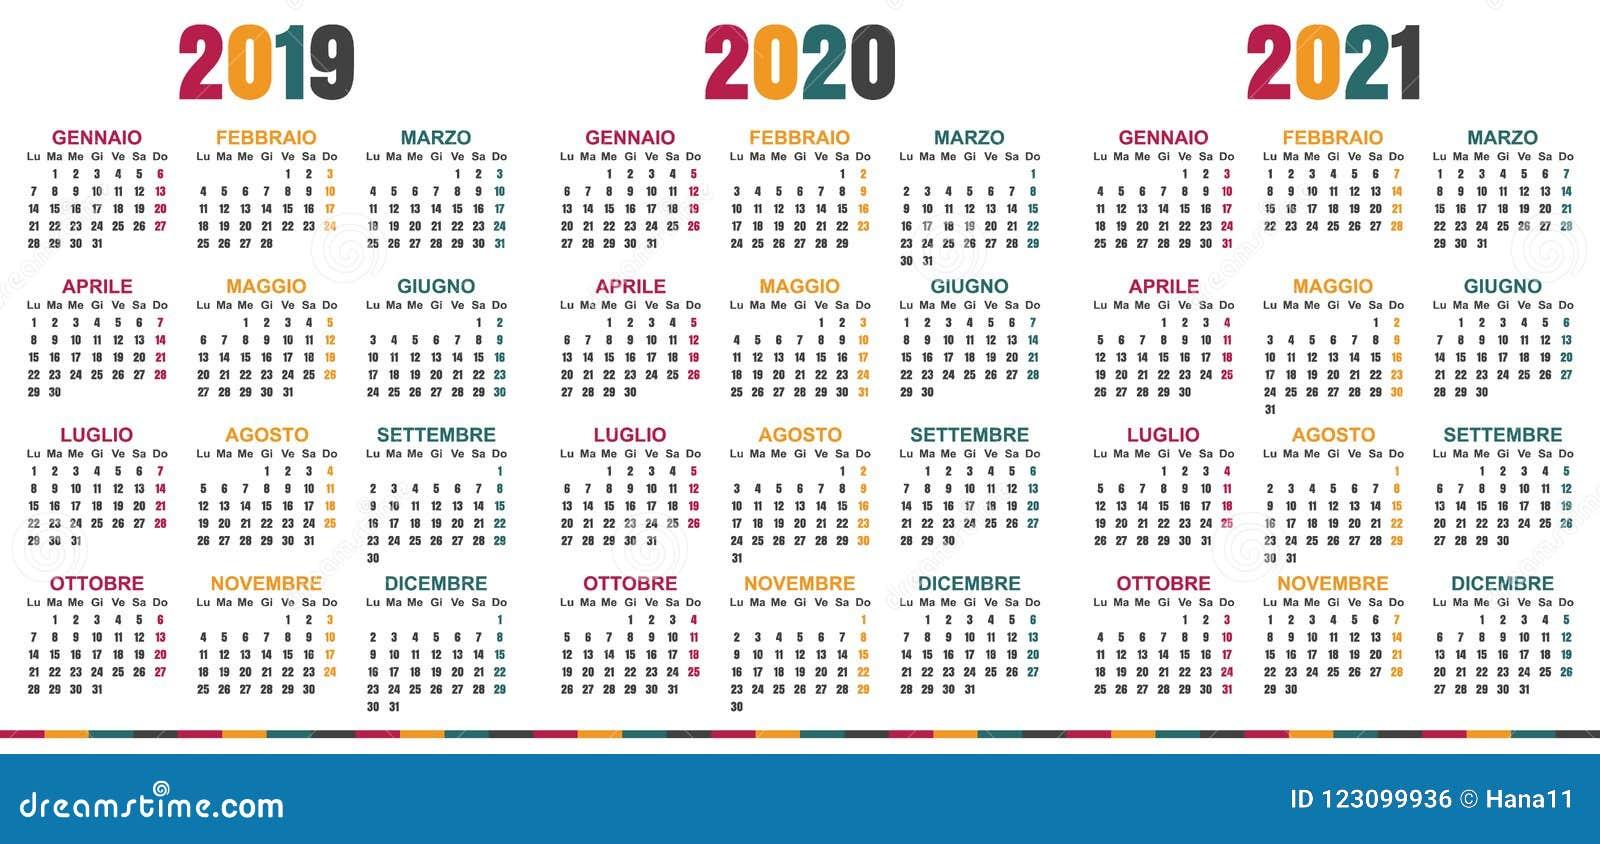 Calendario Italiano 2019 2021 Illustrazione Vettoriale